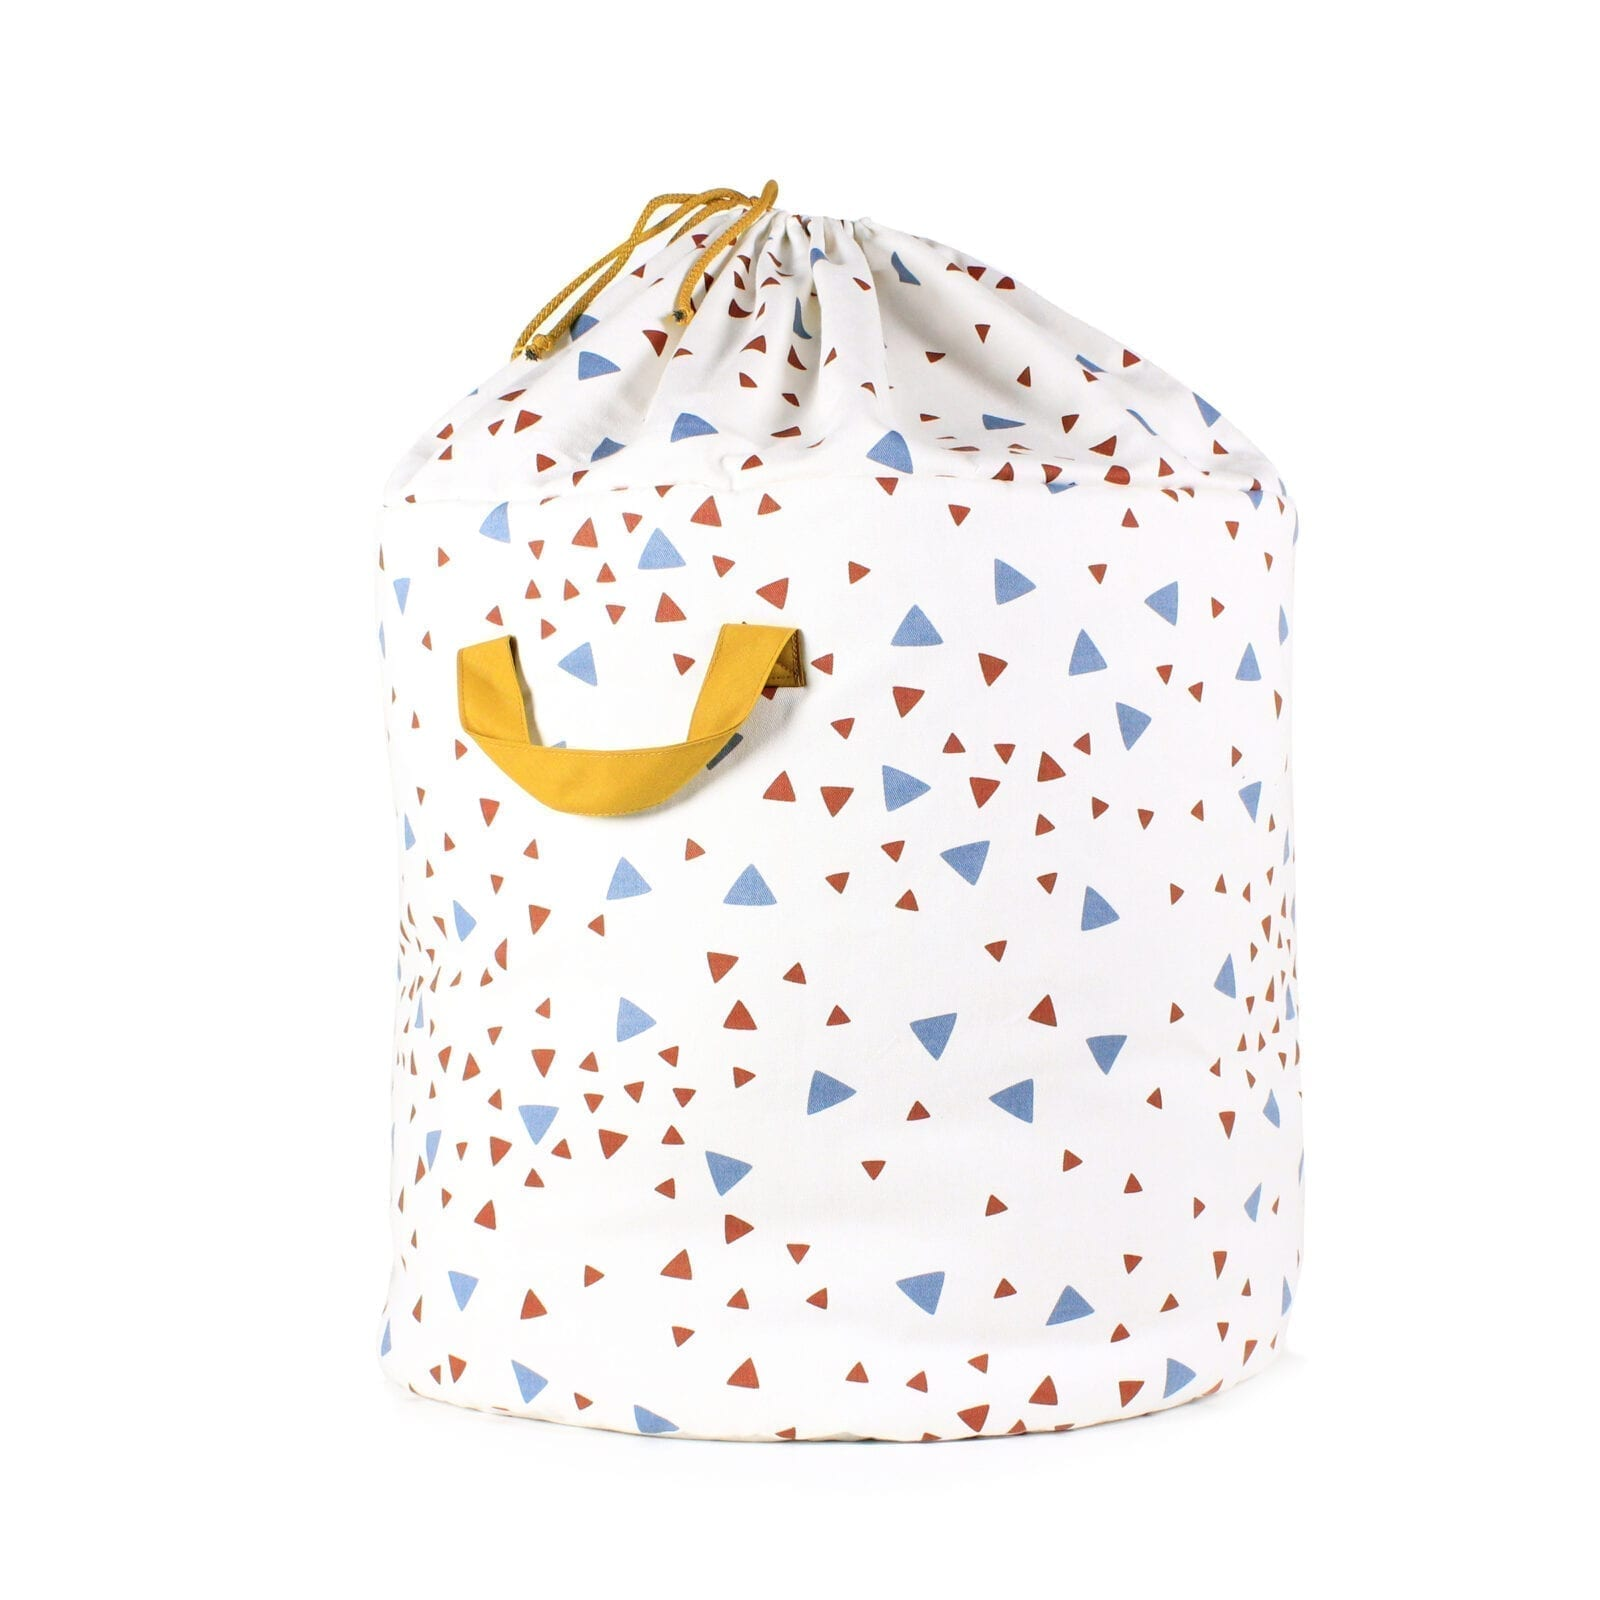 Nobodinoz – Toy Bag – Baobab – Sparks – Blue/Terracotta